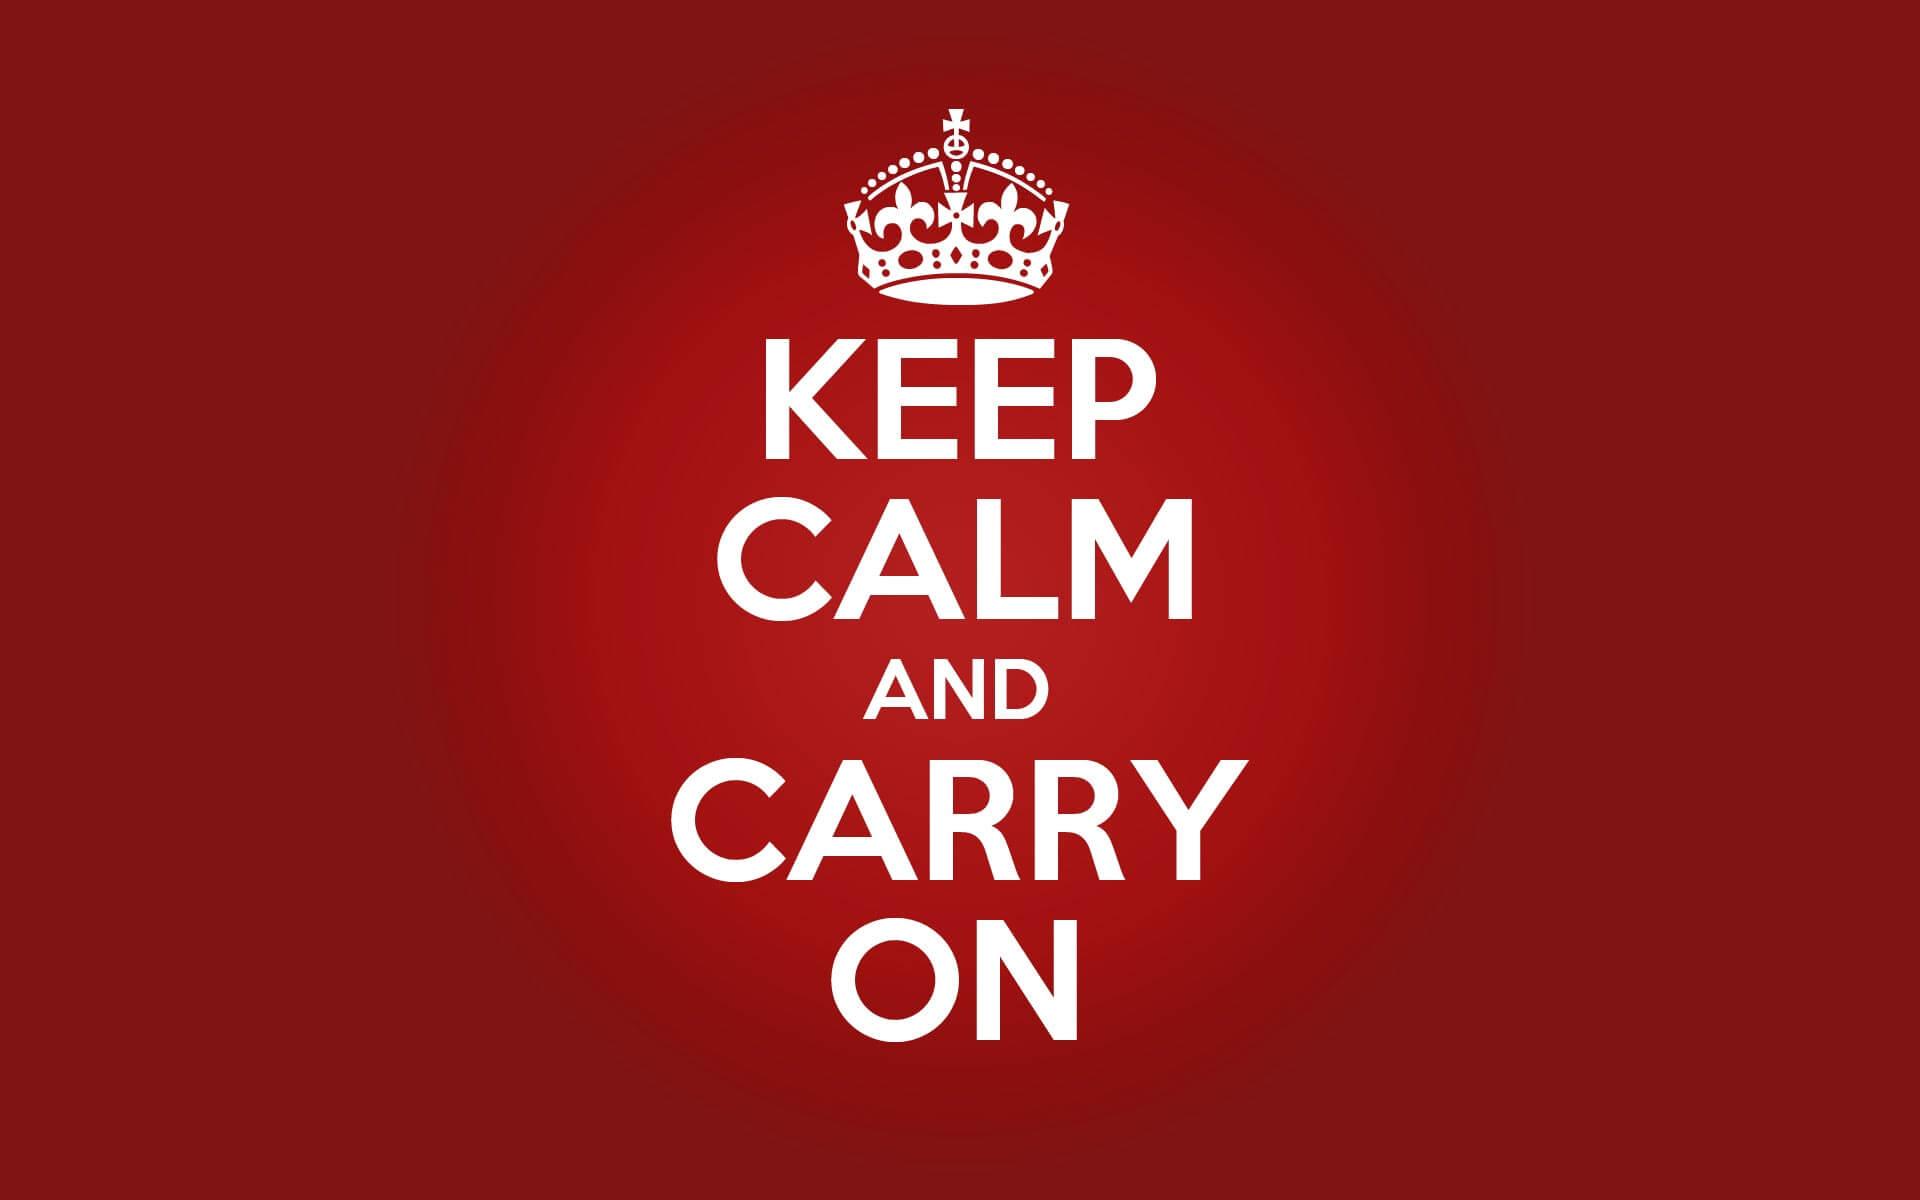 Keep Calm And Carry On tradução, significado e como usar